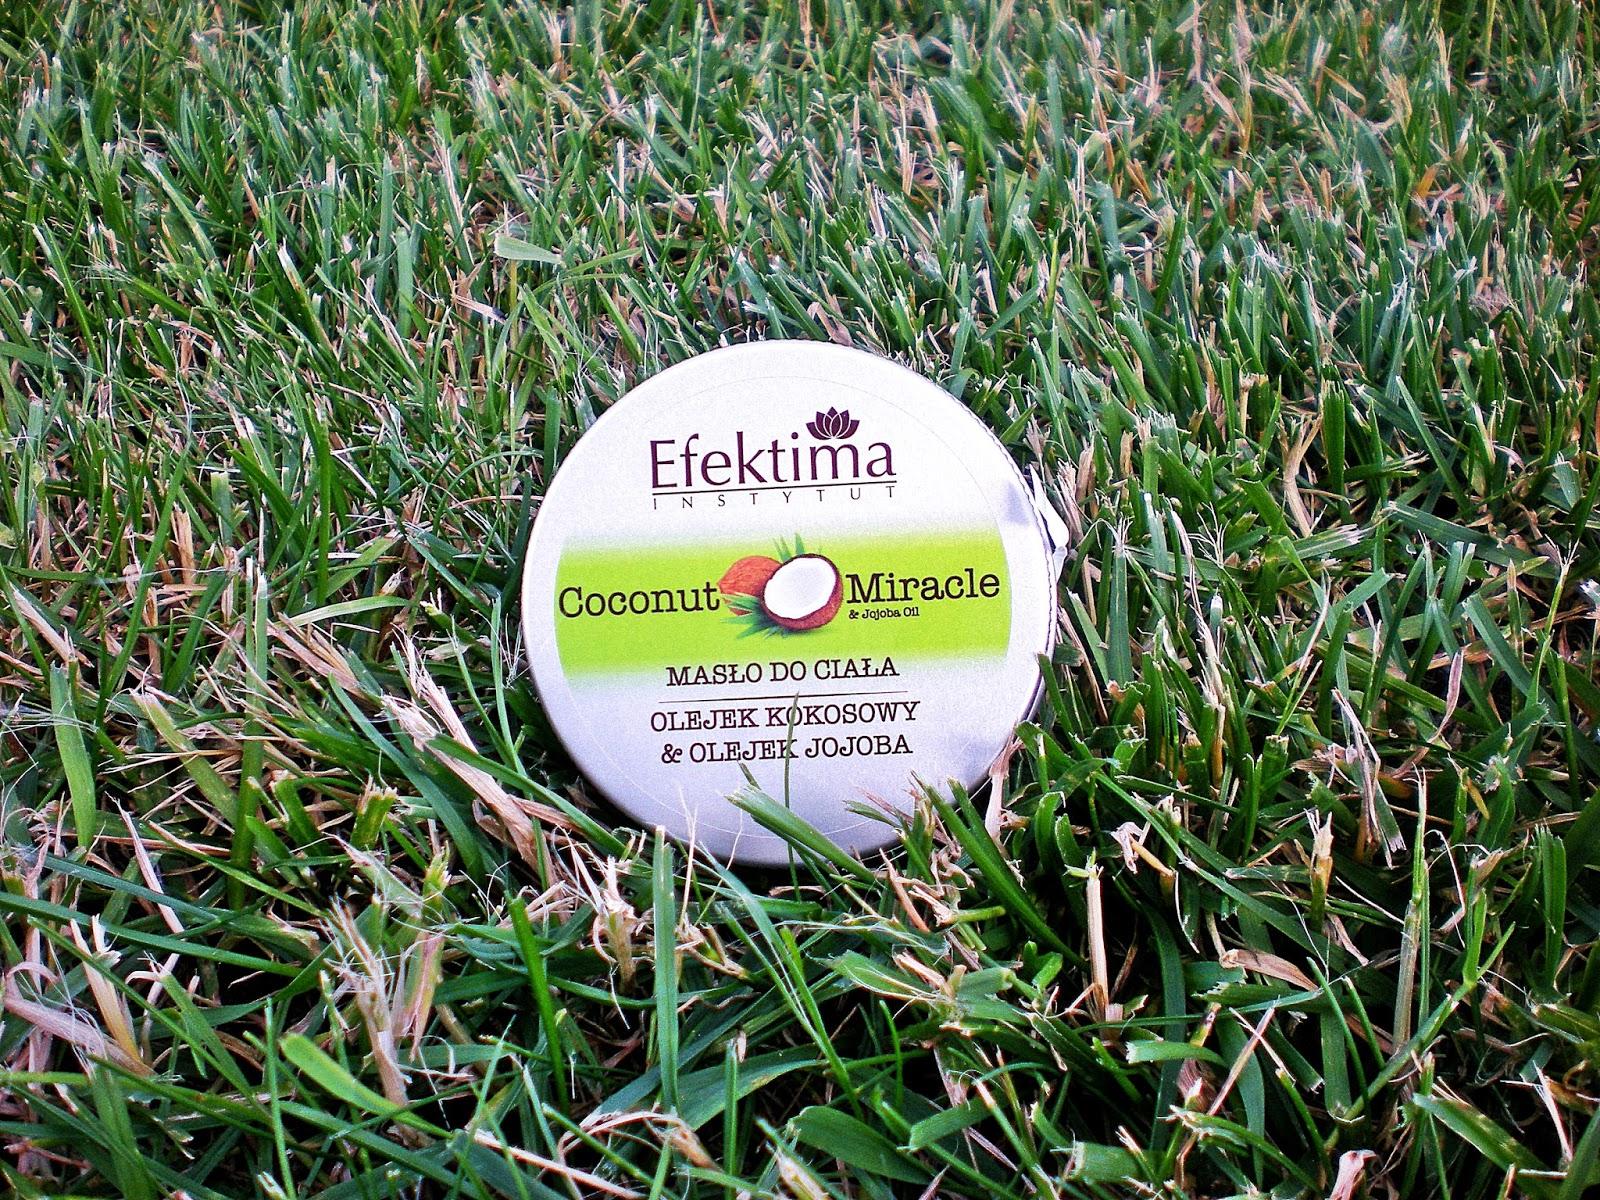 Masło do ciała Coconut Miracle_Efektima